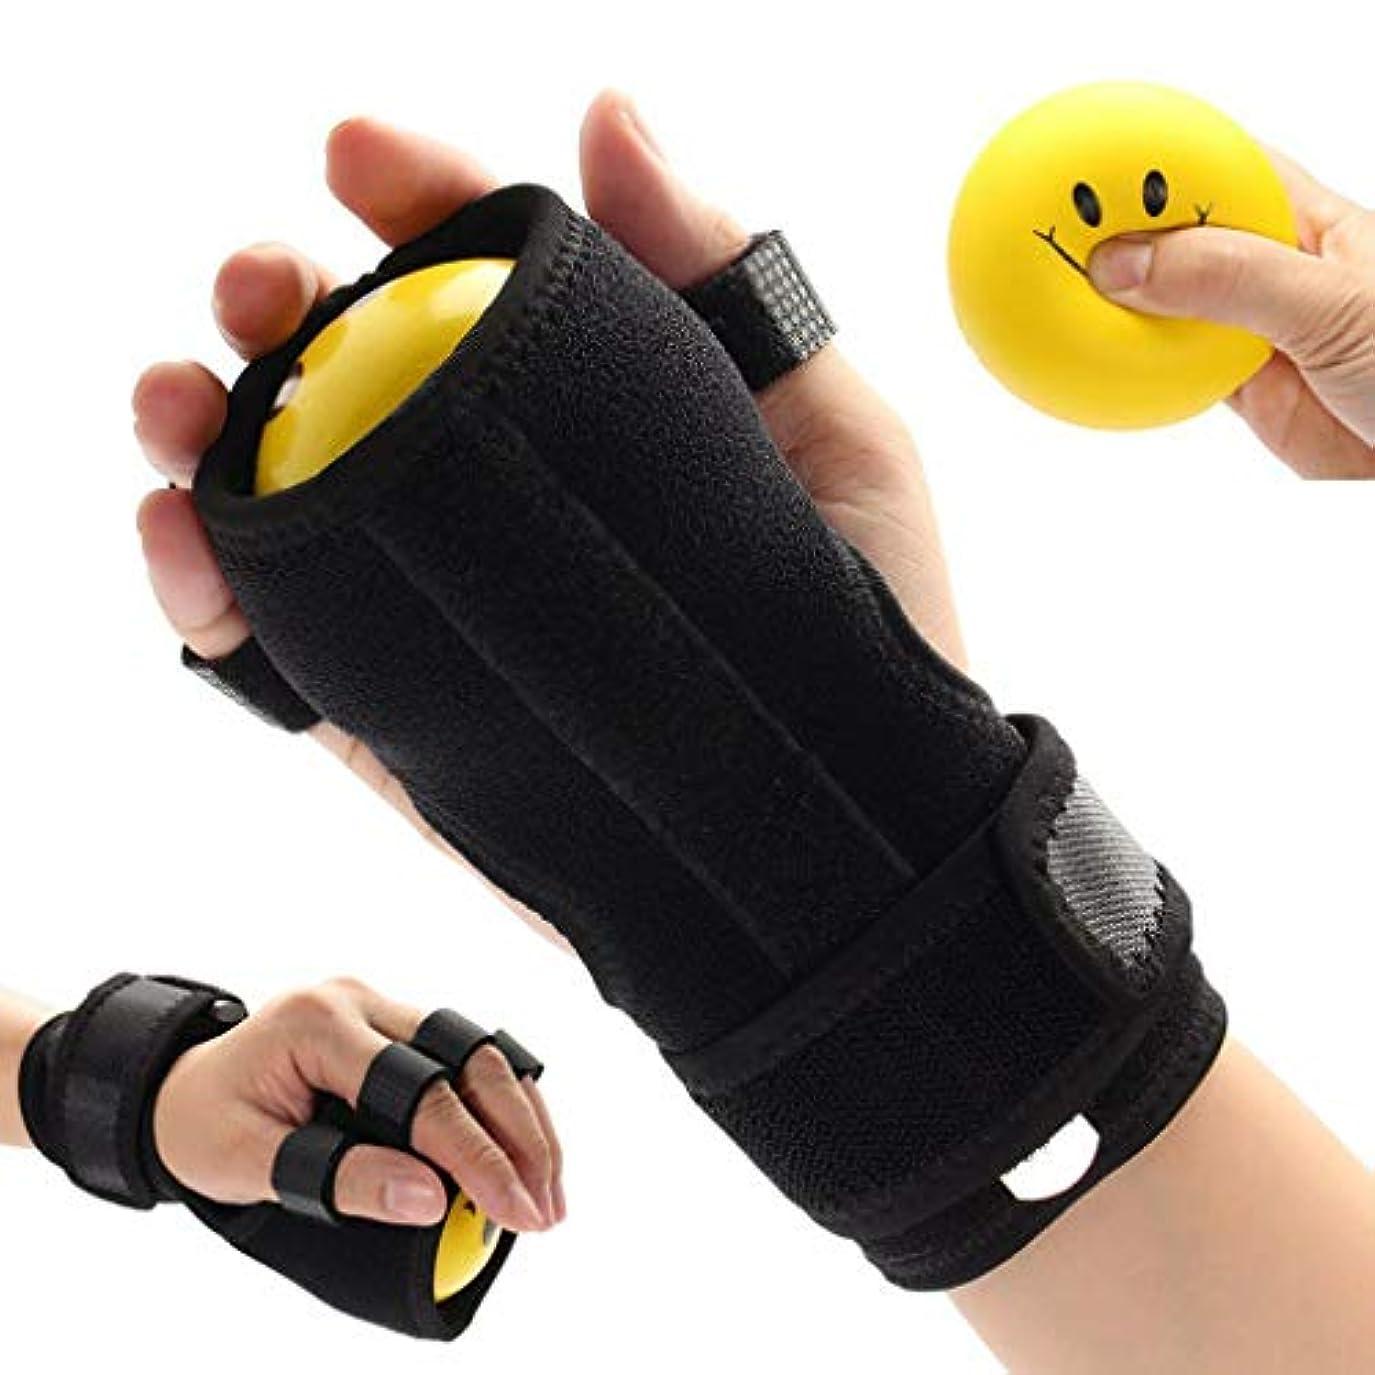 バルコニー音楽閉じ込める抗痙攣性ボール - 指手首リハビリテーション練習用装具、機能的副子手、手の機能障害/片麻痺/脳卒中用